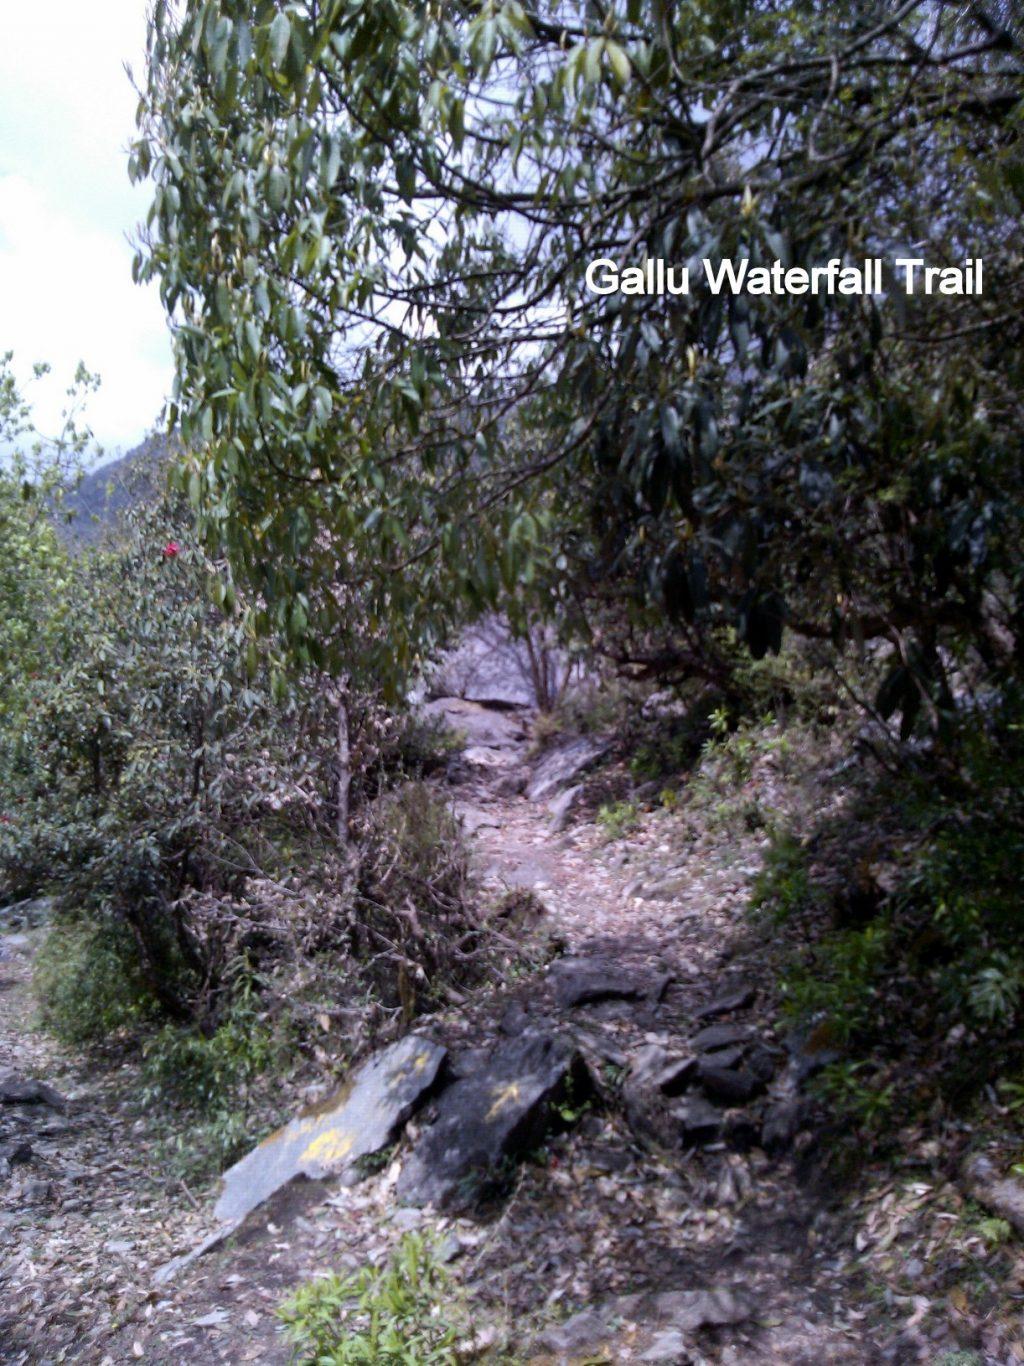 Gallu Waterfall Trail